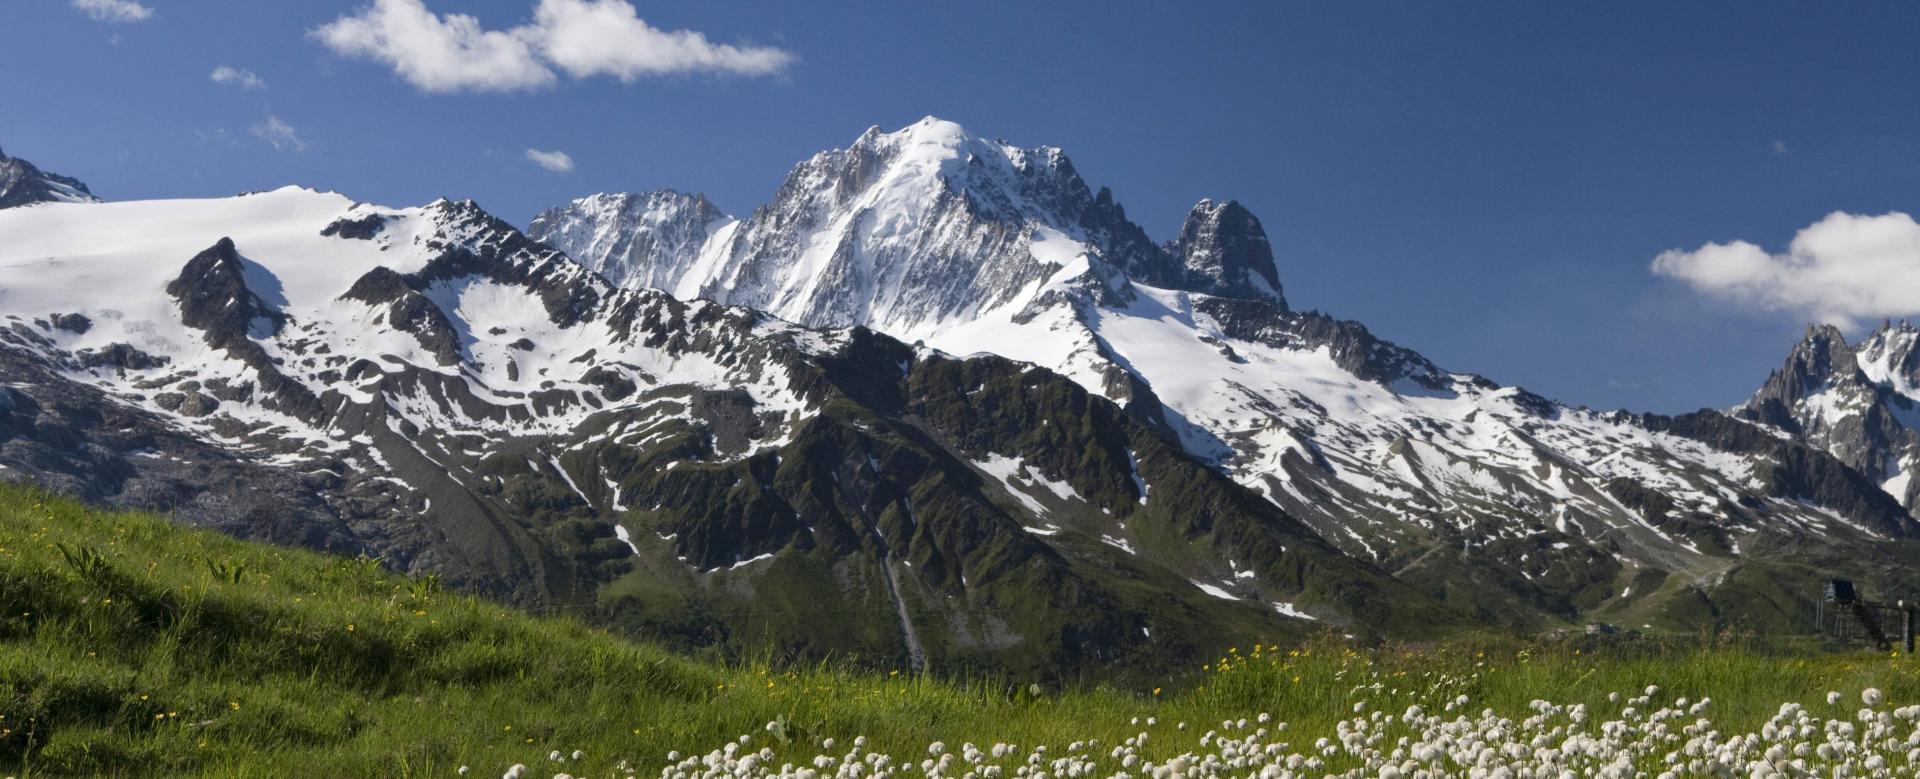 Voyage à pied France : Le tour du mont-blanc confort